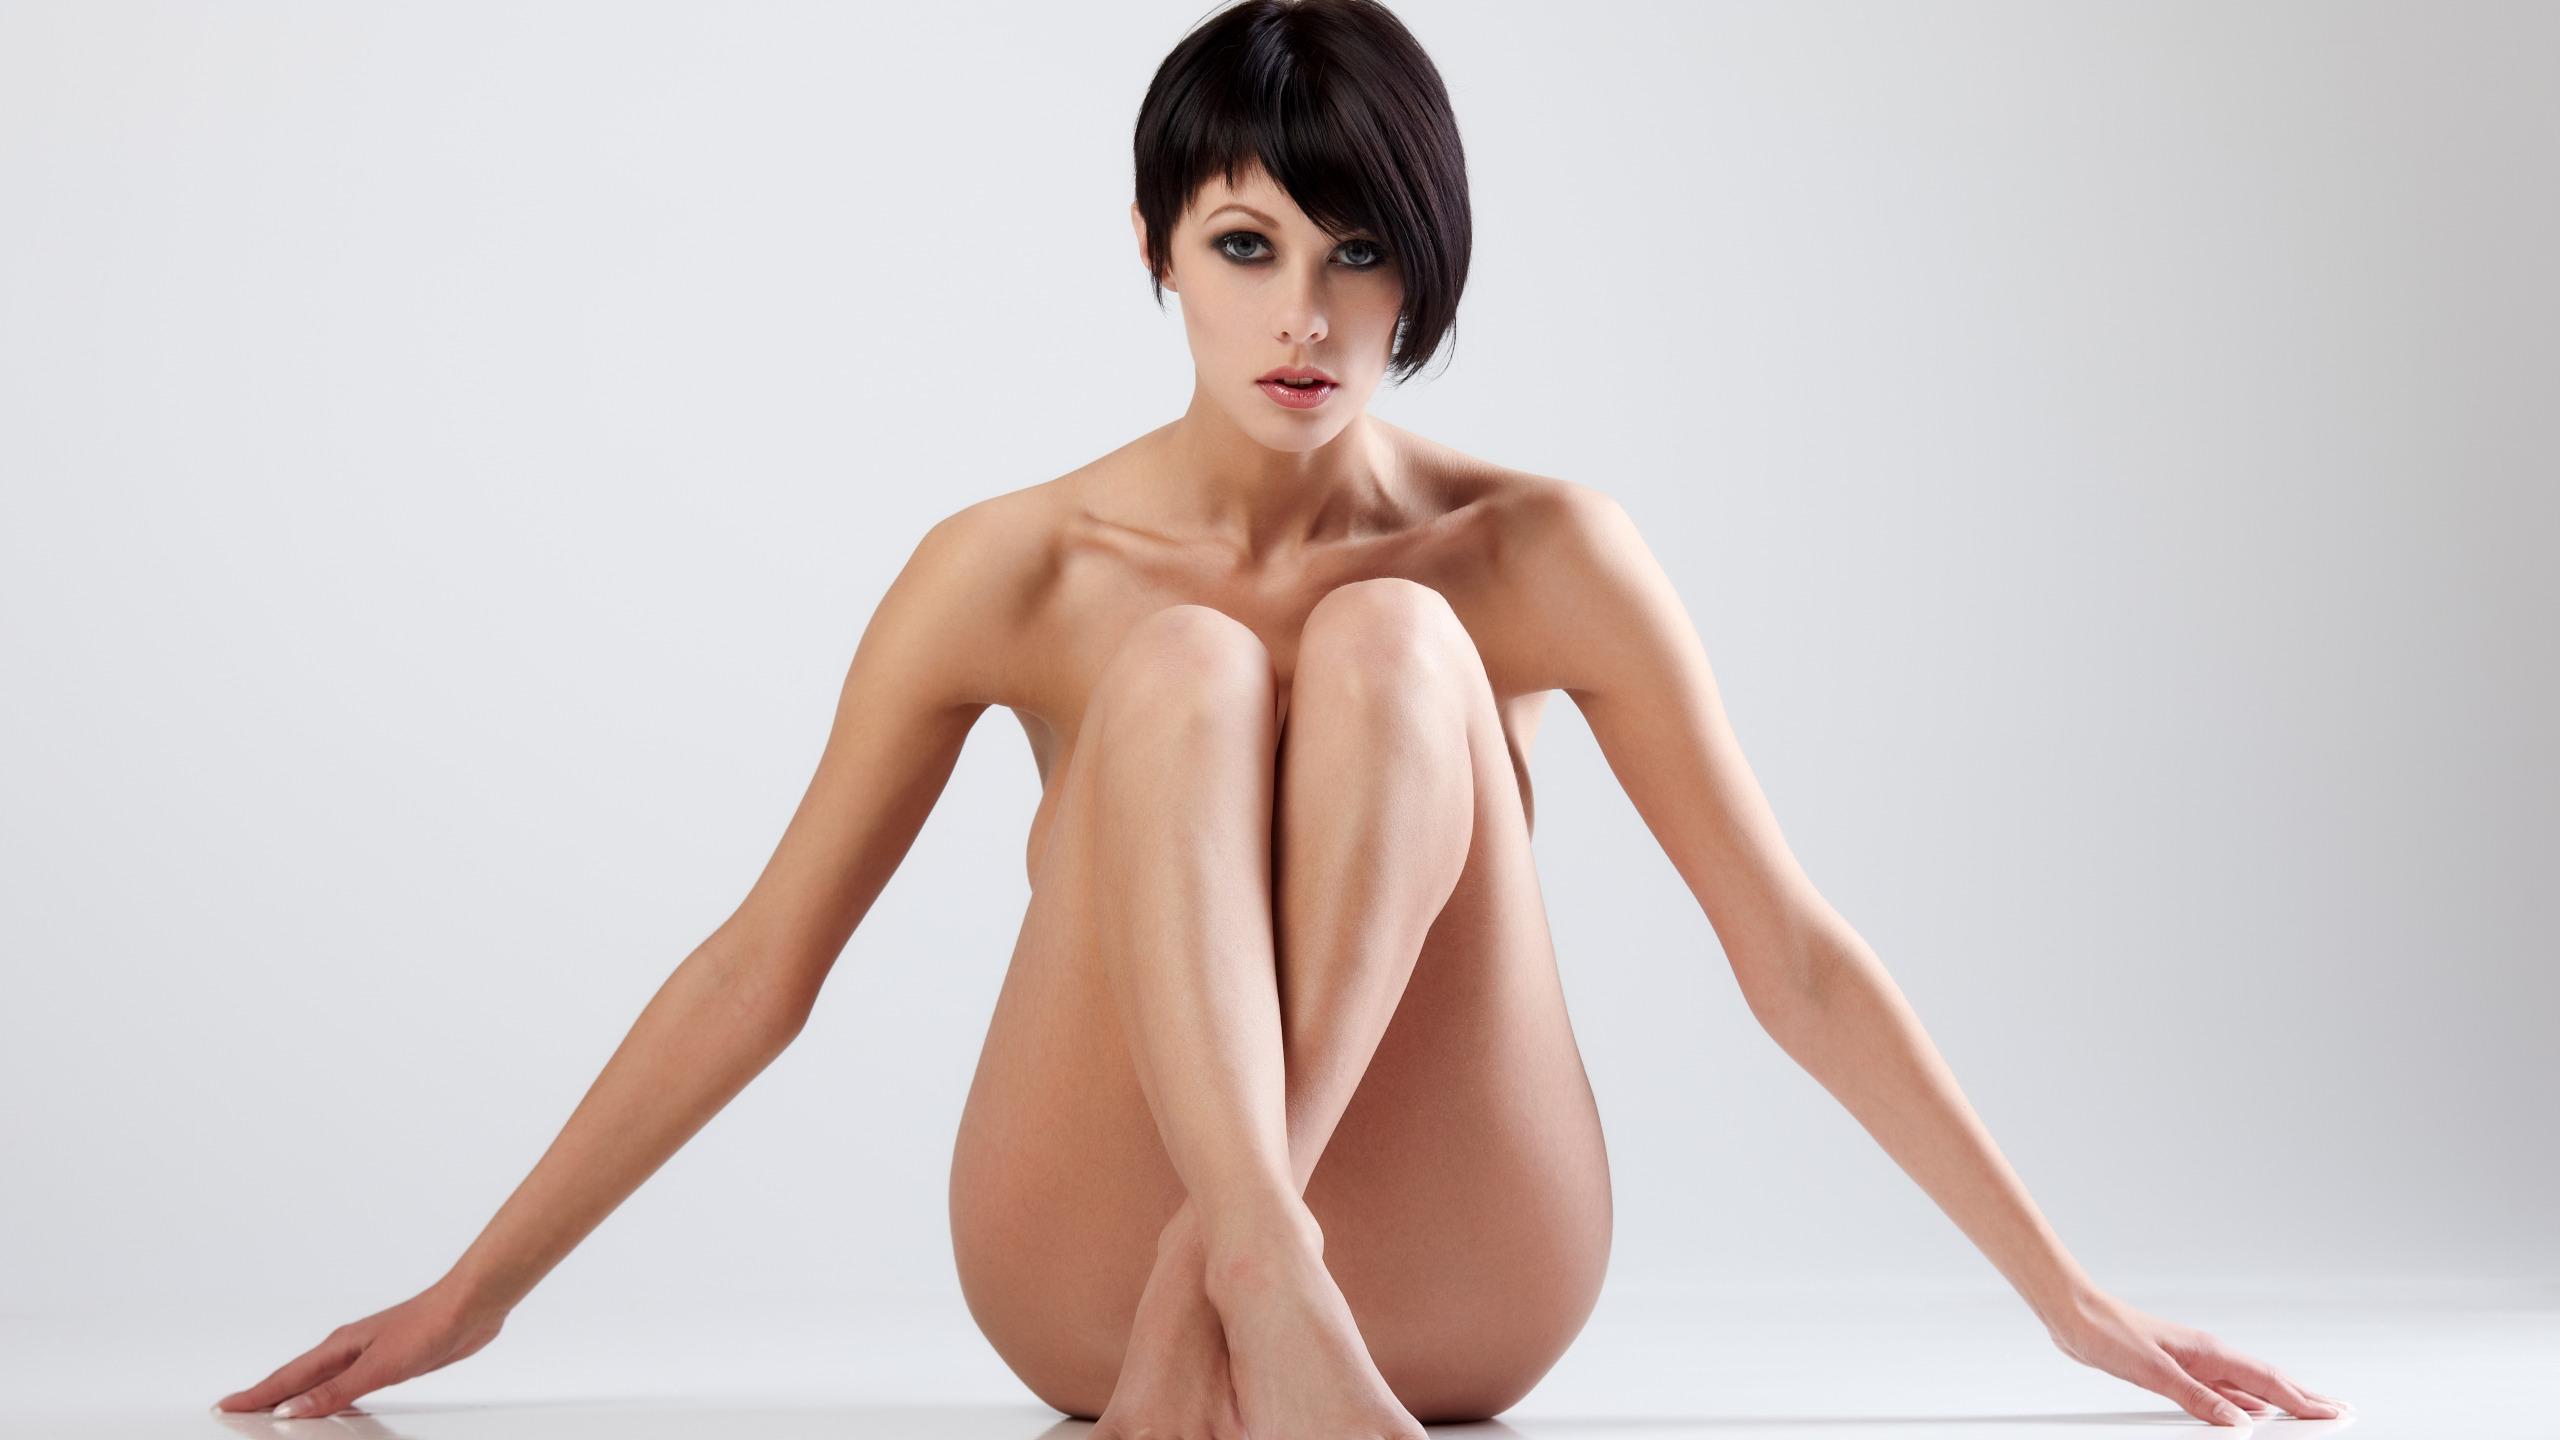 naked asin women